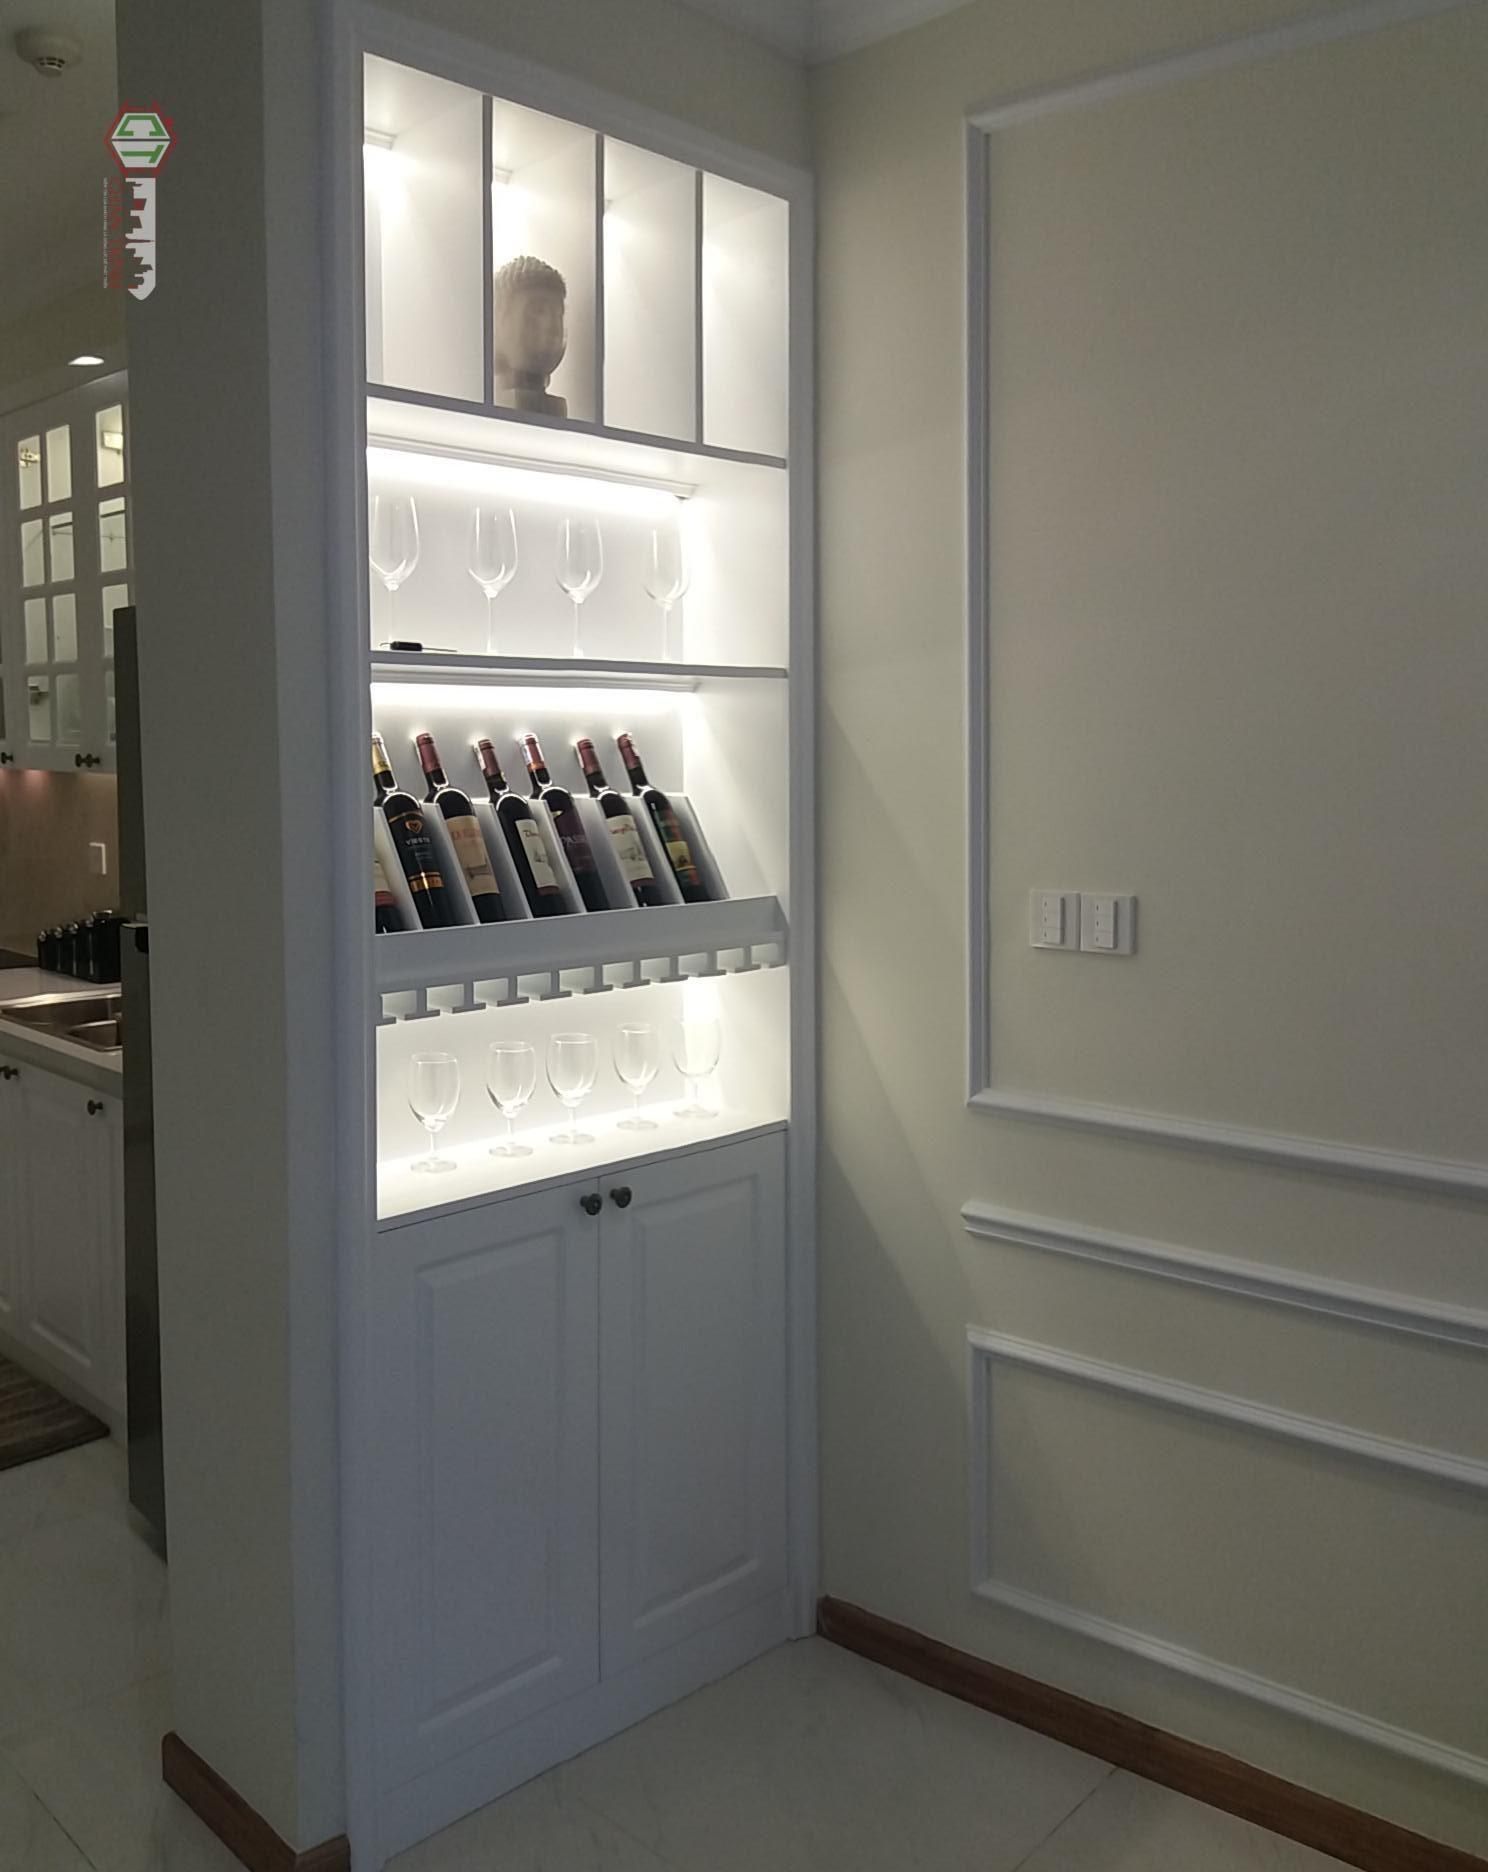 Tủ rượu rất độc đáo tại căn hộ 1 phòng cho thuê Vinhomes Central Park